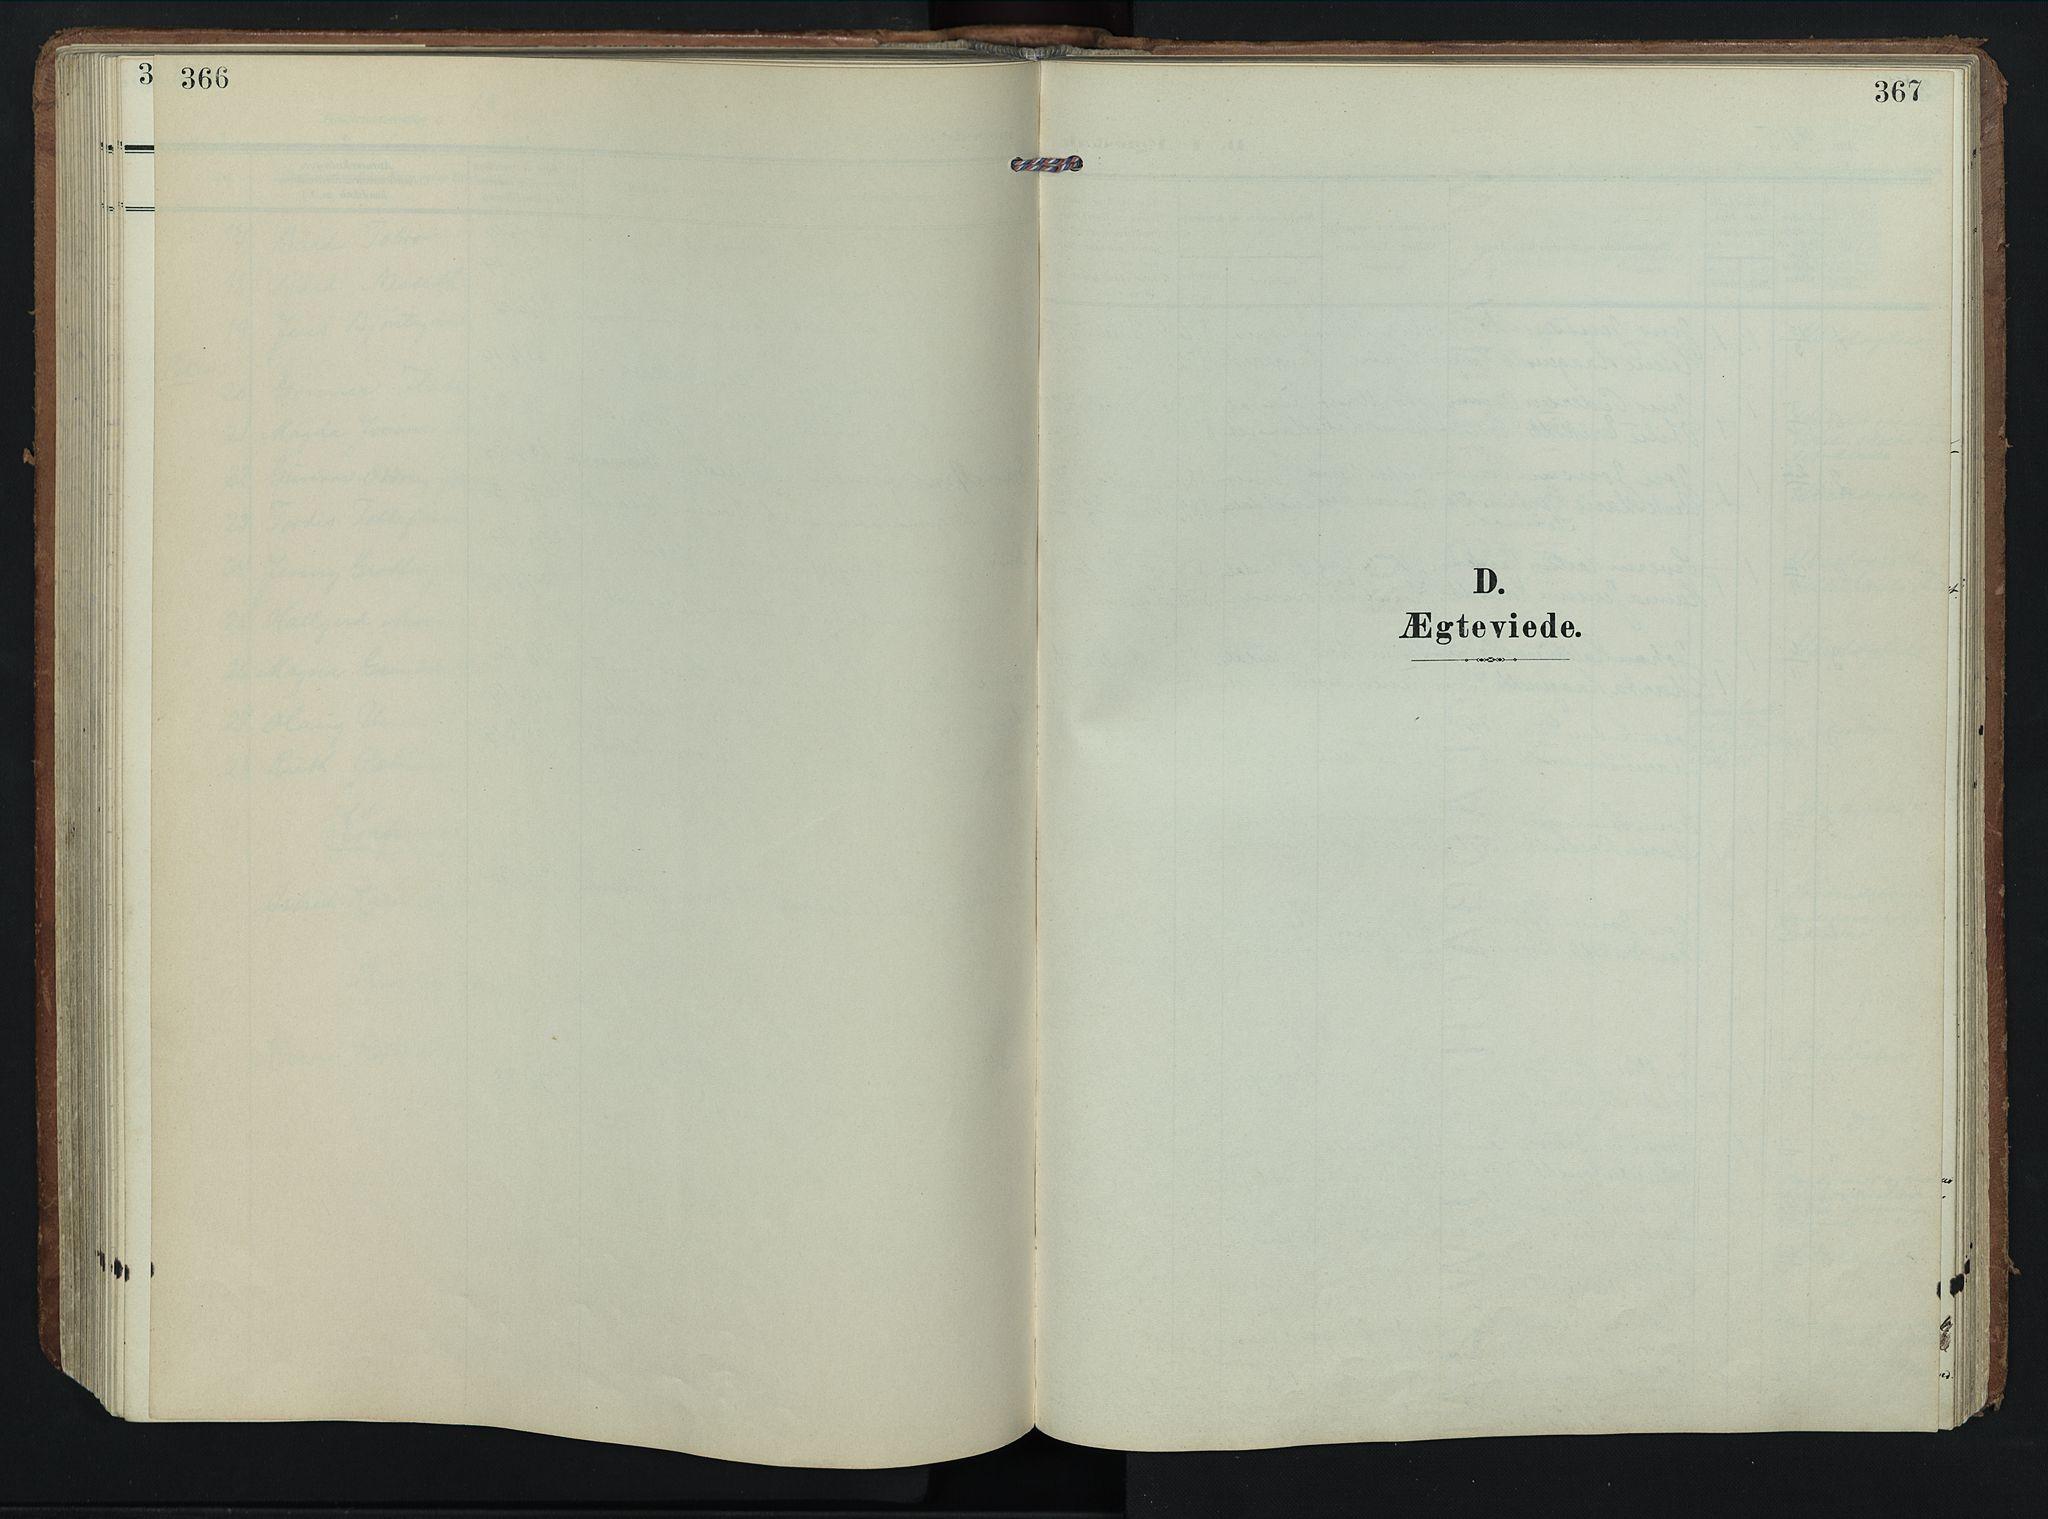 SAH, Rendalen prestekontor, H/Ha/Hab/L0004: Klokkerbok nr. 4, 1904-1946, s. 366-367